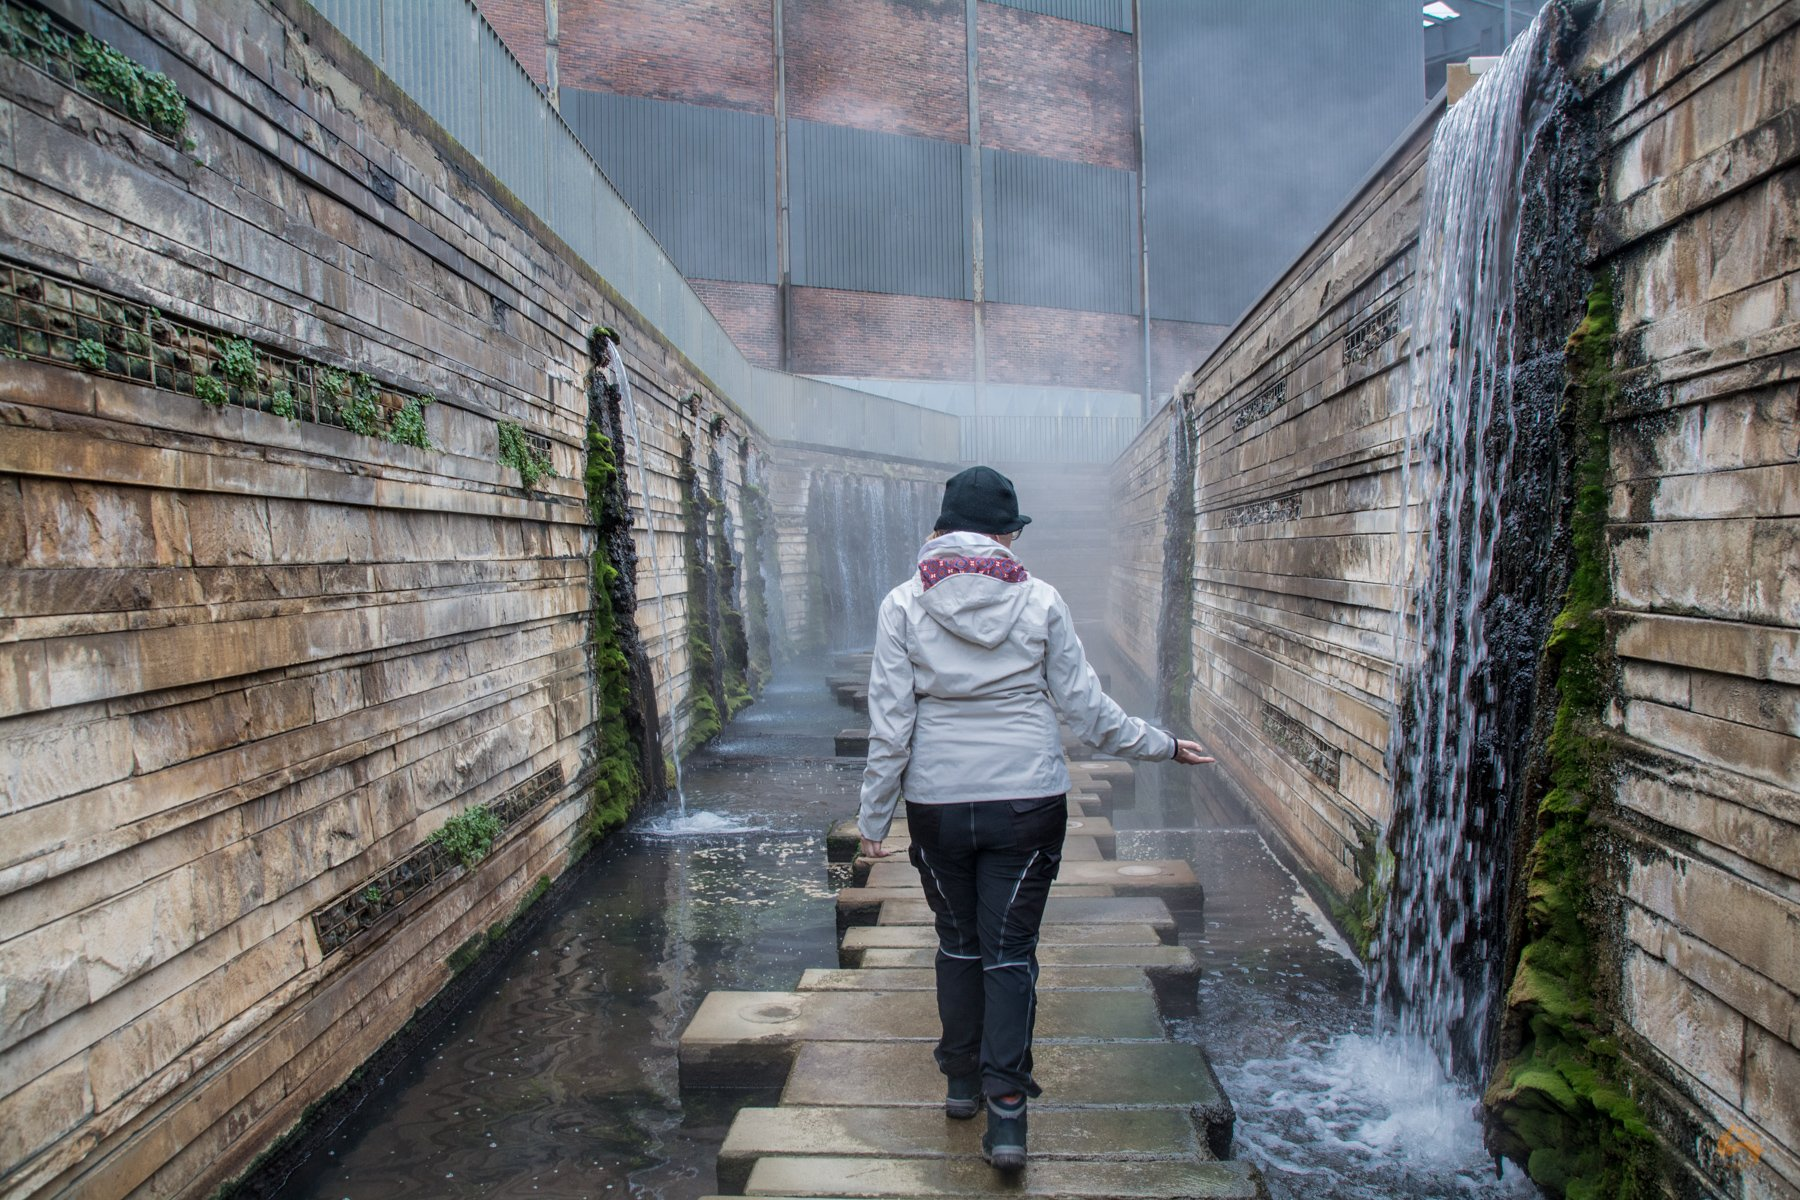 Wandern auf Bergbaupfaden Panoramaweg am Wassergarten Reden Saarland